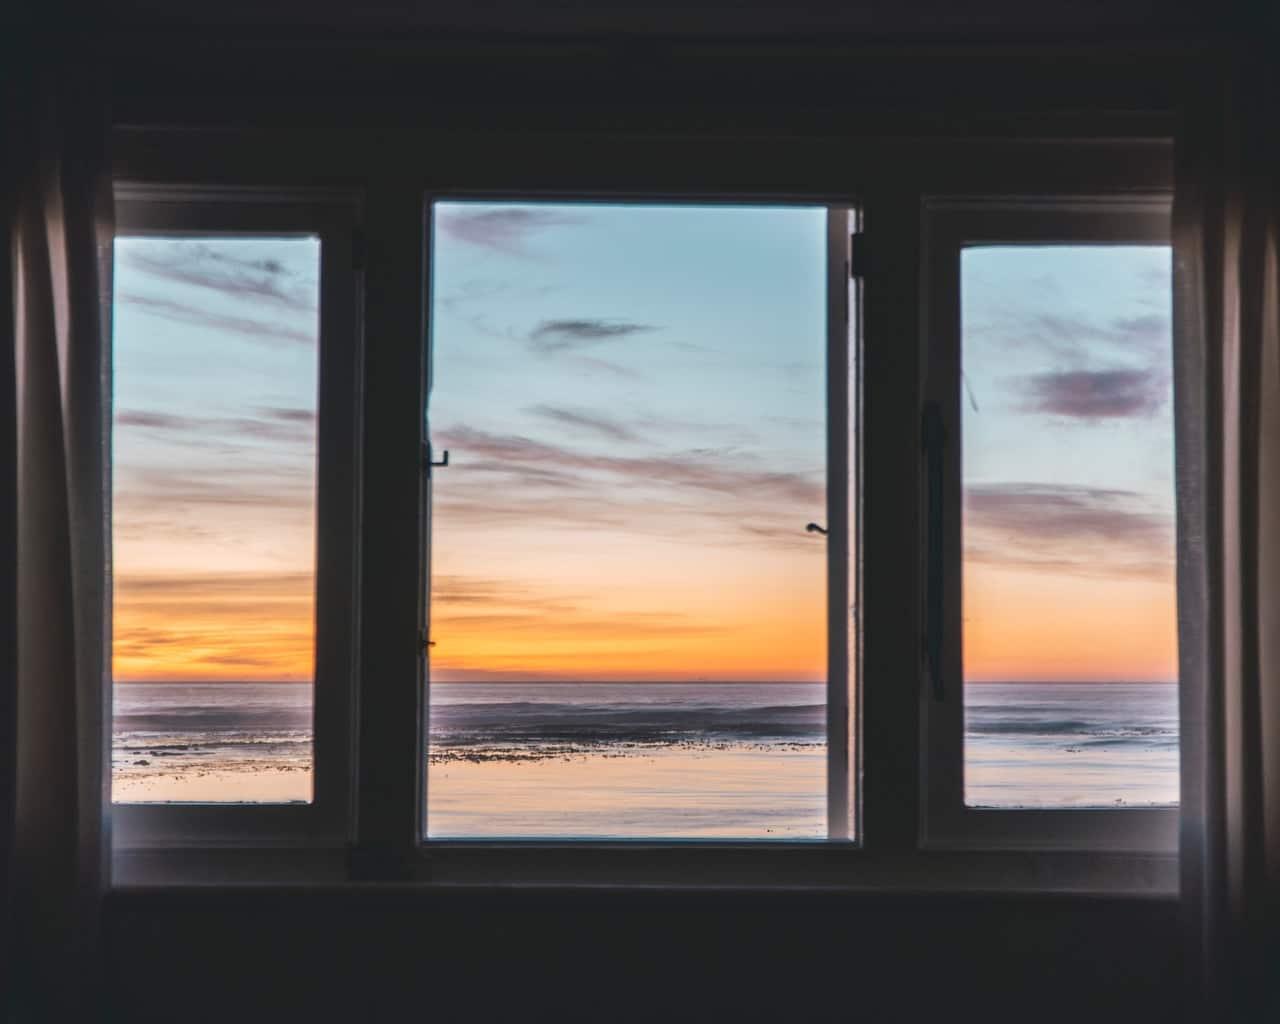 Polerowanie szyb okiennych – czy da się naprawić szybę w oknie? 1